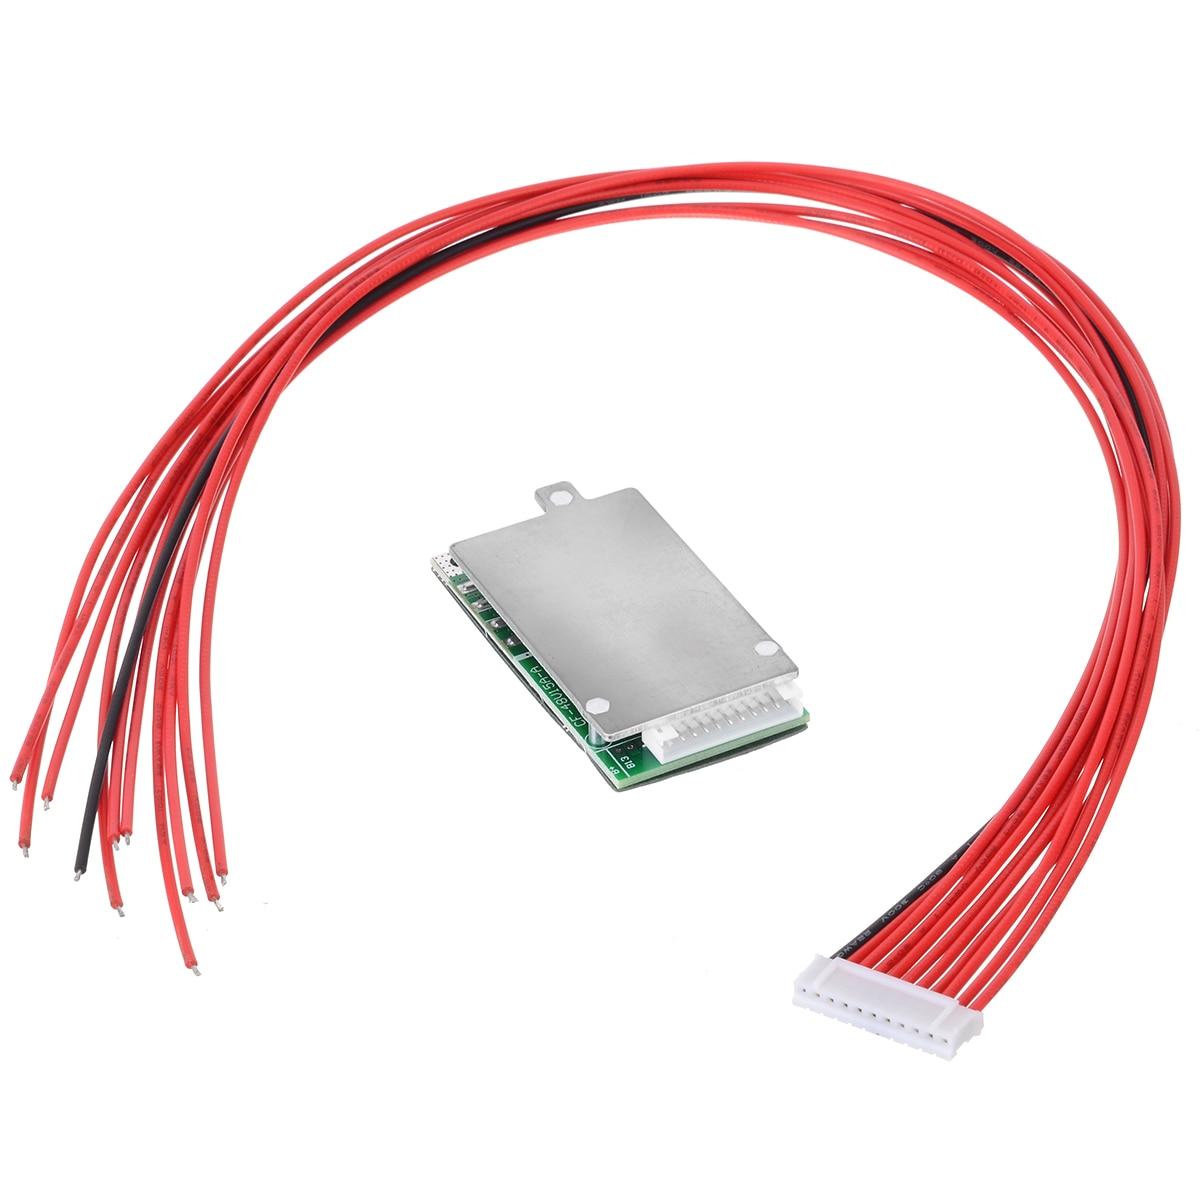 Литий-ионный аккумулятор Mayitr, 1 шт., 10 S, 36 В, 37 в, 15 А, BMS, PCB, PCM, подходит для электровелосипеда